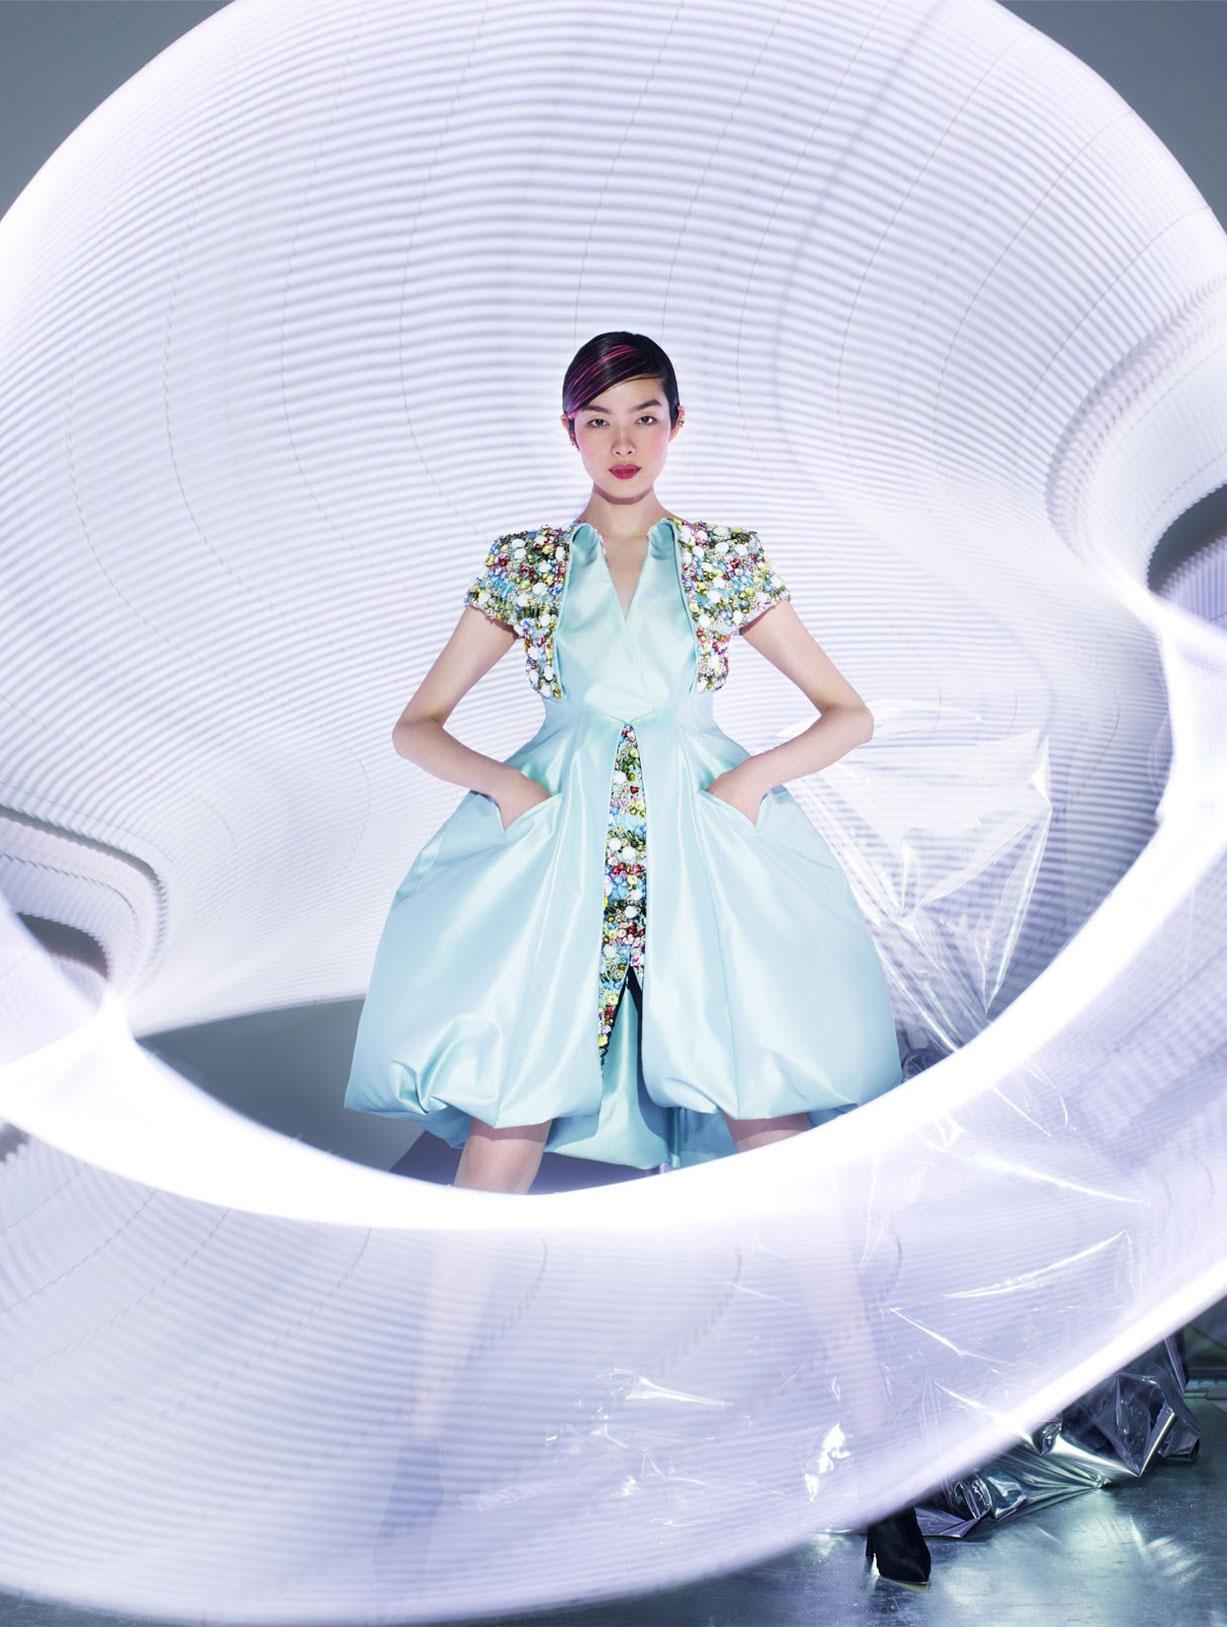 Светящаяся Фей-Фей Сун в журнале Vogue Гонконг, март 2019 / фото 11